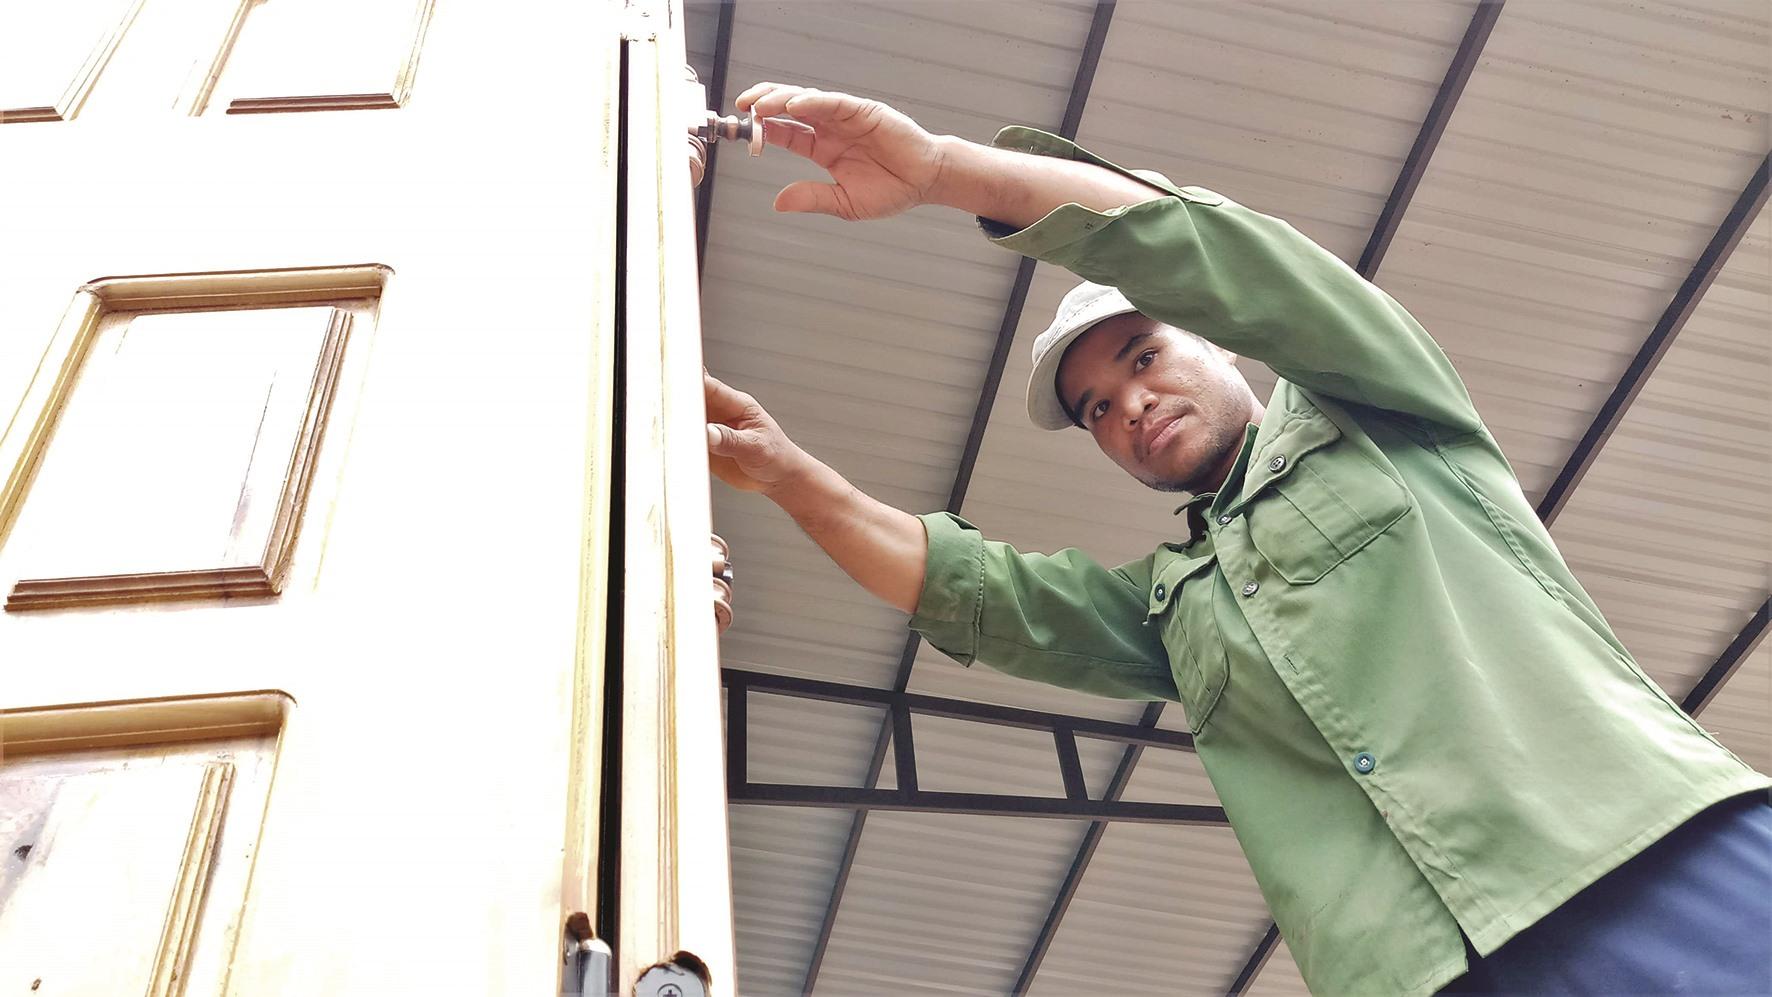 Ông Hồ Văn Minh kiểm tra cửa nhà trong buổi chính quyền địa phương đến nghiệm thu. Ông Minh nói, hiện khu tái định cư vẫn còn thiếu điện và nước sinh hoạt.